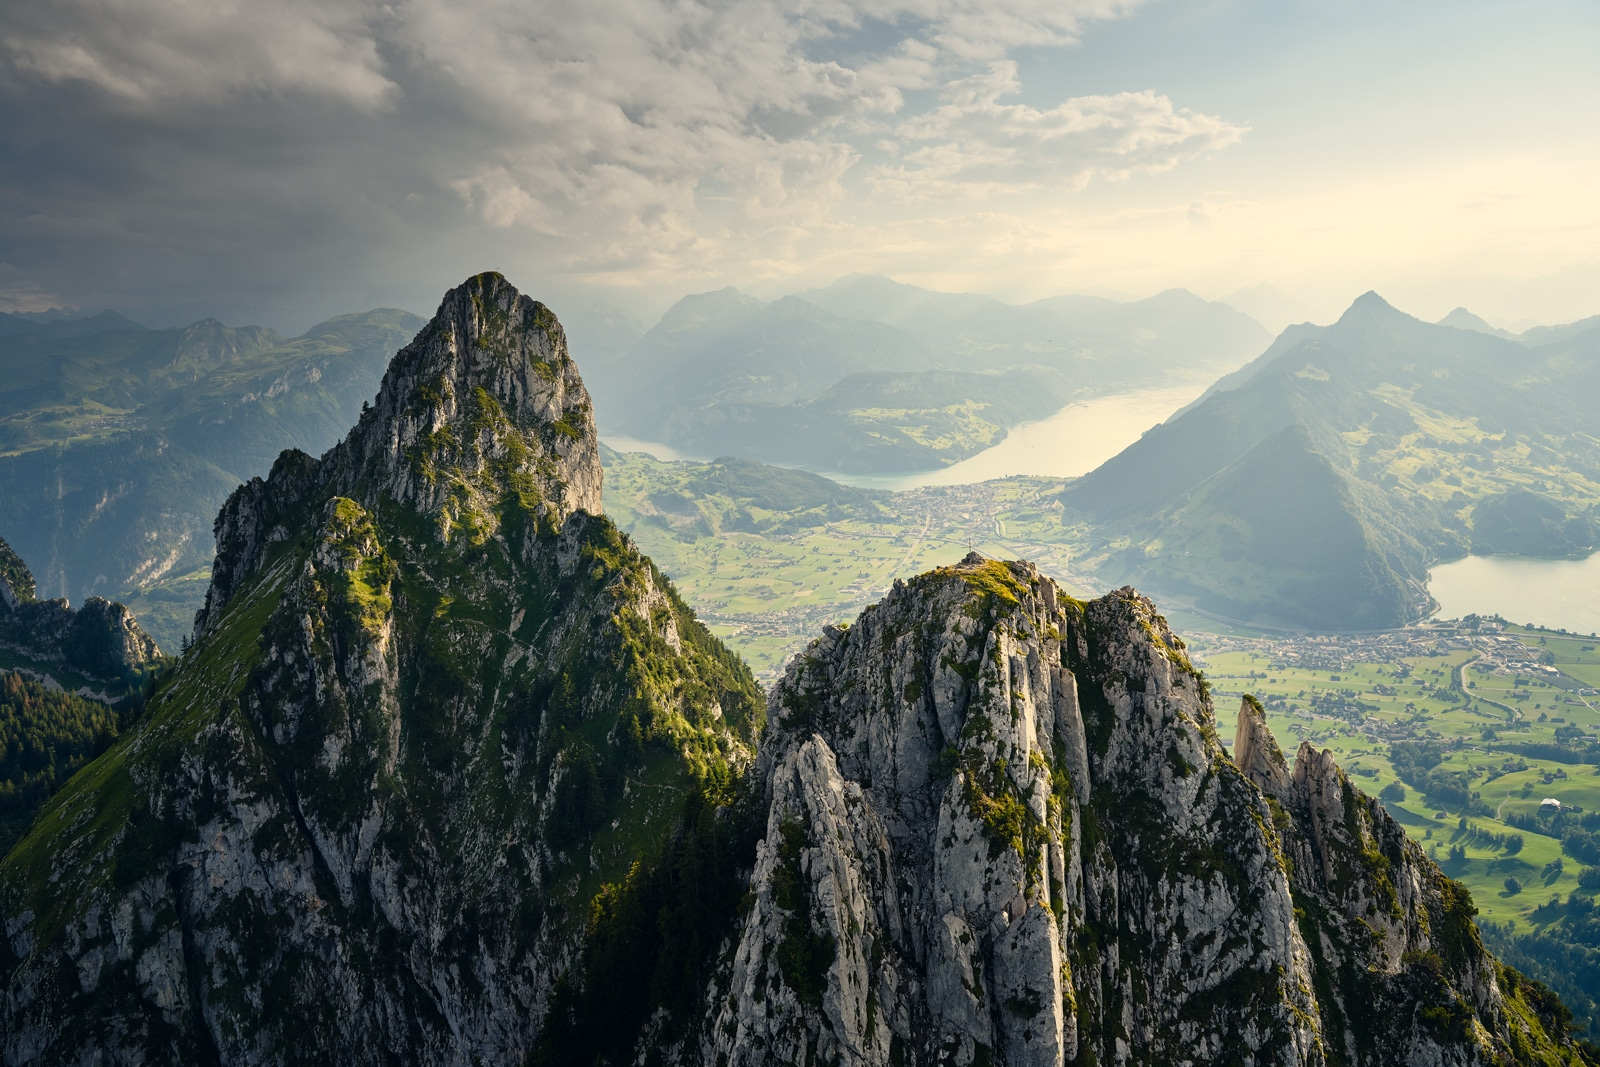 Luftaufnahme Haggenspitz, Kleiner Mythen, Blick nach Brunnen, Vierwaldstättersee, Lauerzersee, Stoss, Fronalpstock, Rigi Hochflue